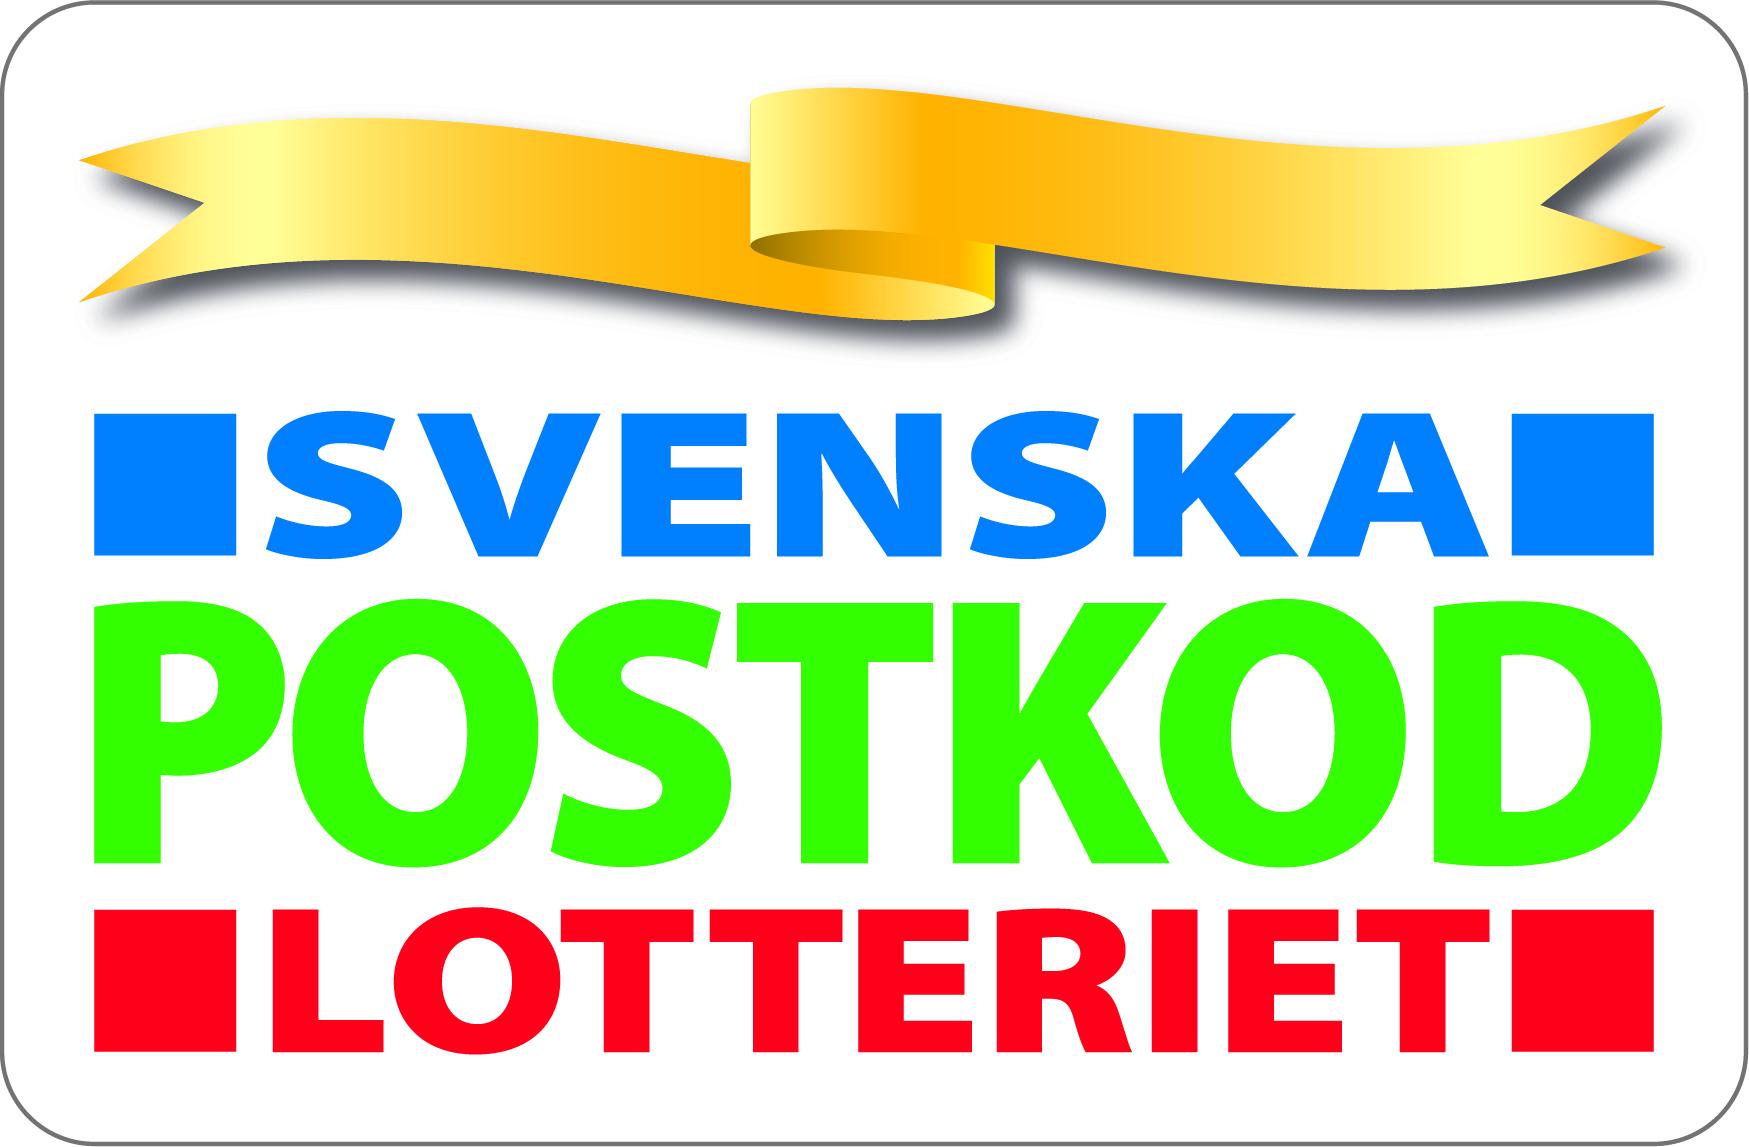 Logotyp för postkodlotteriet